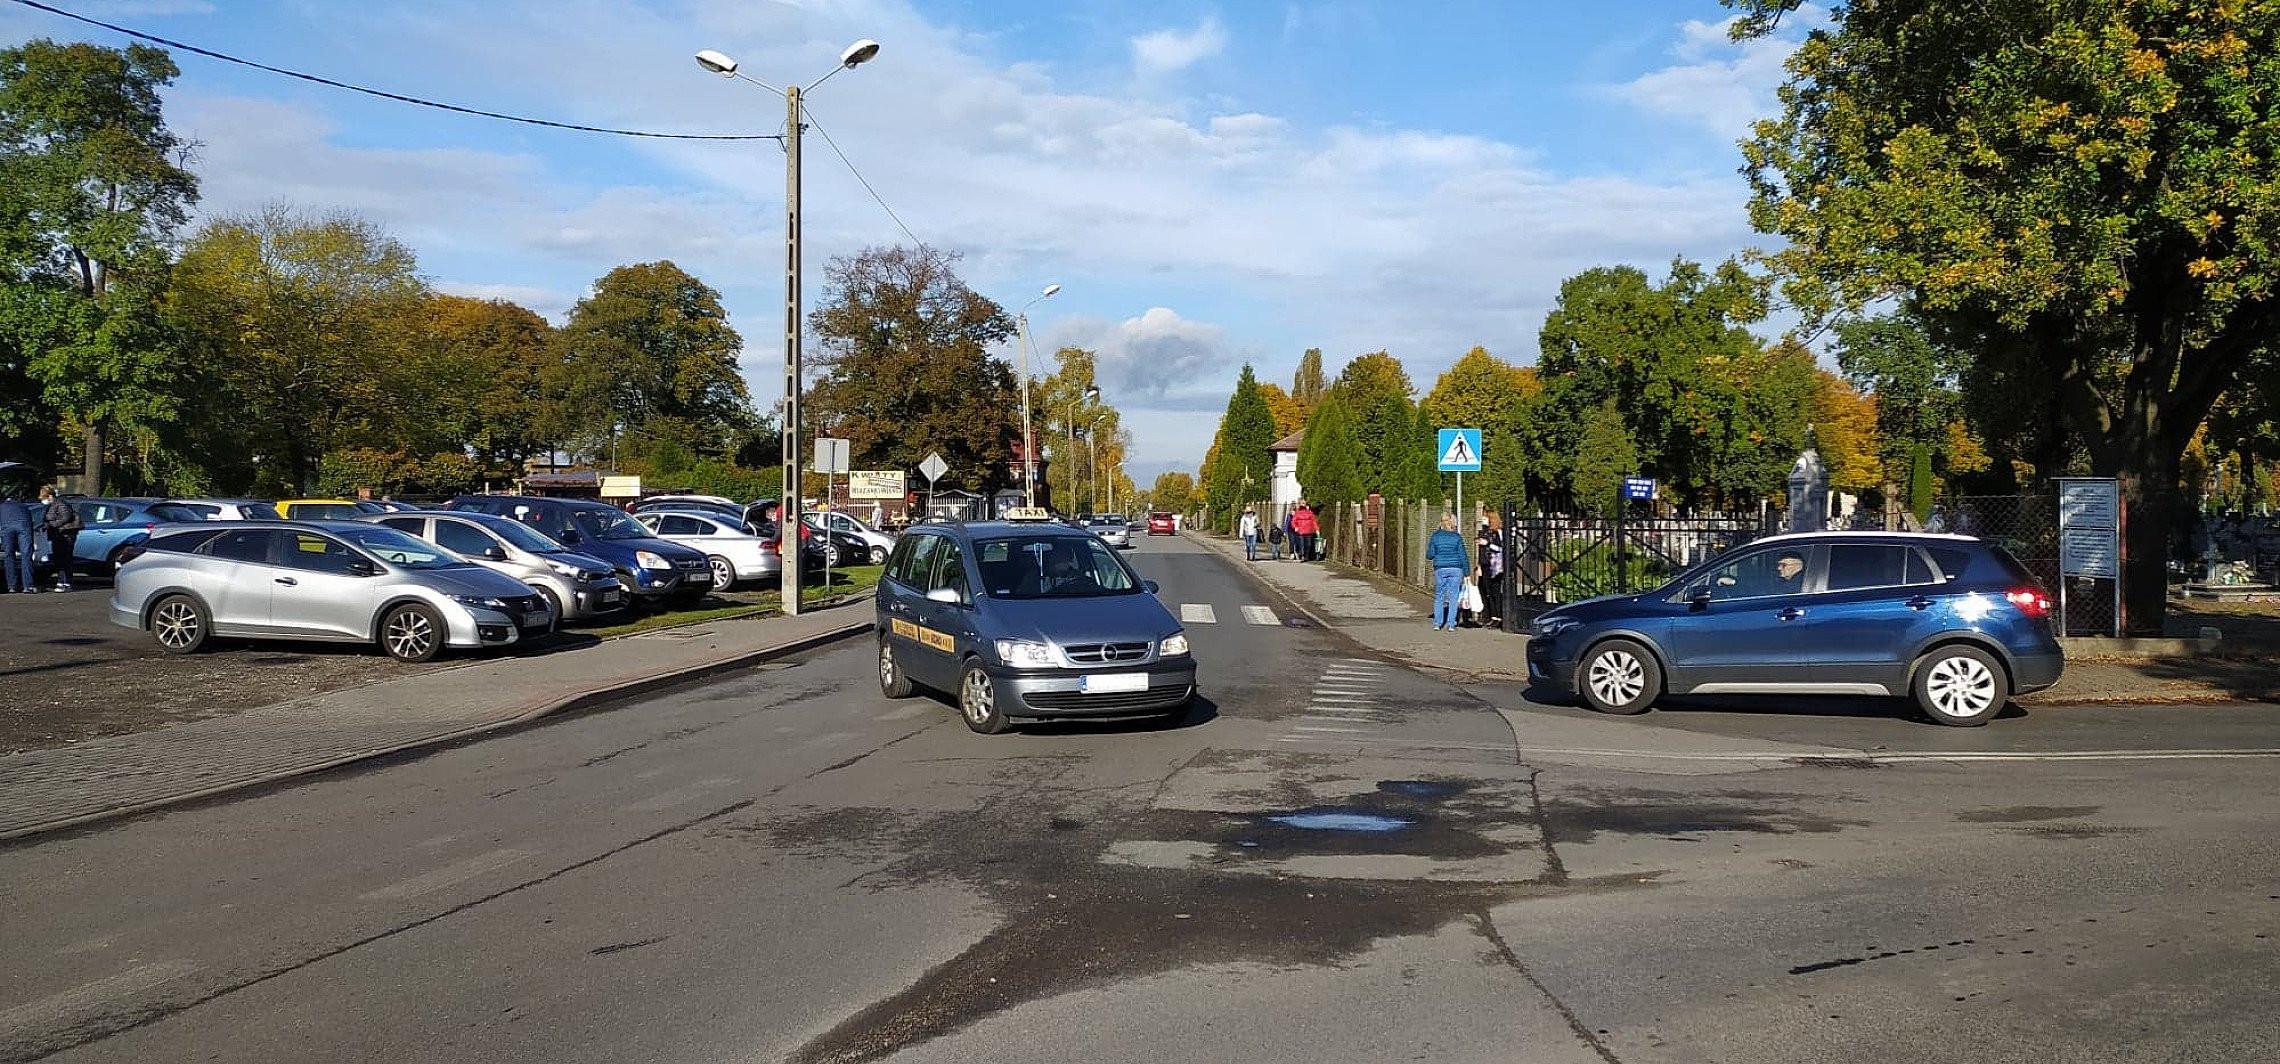 Inowrocław - Będą zmiany przy cmentarzach. Sprawdź, jakie